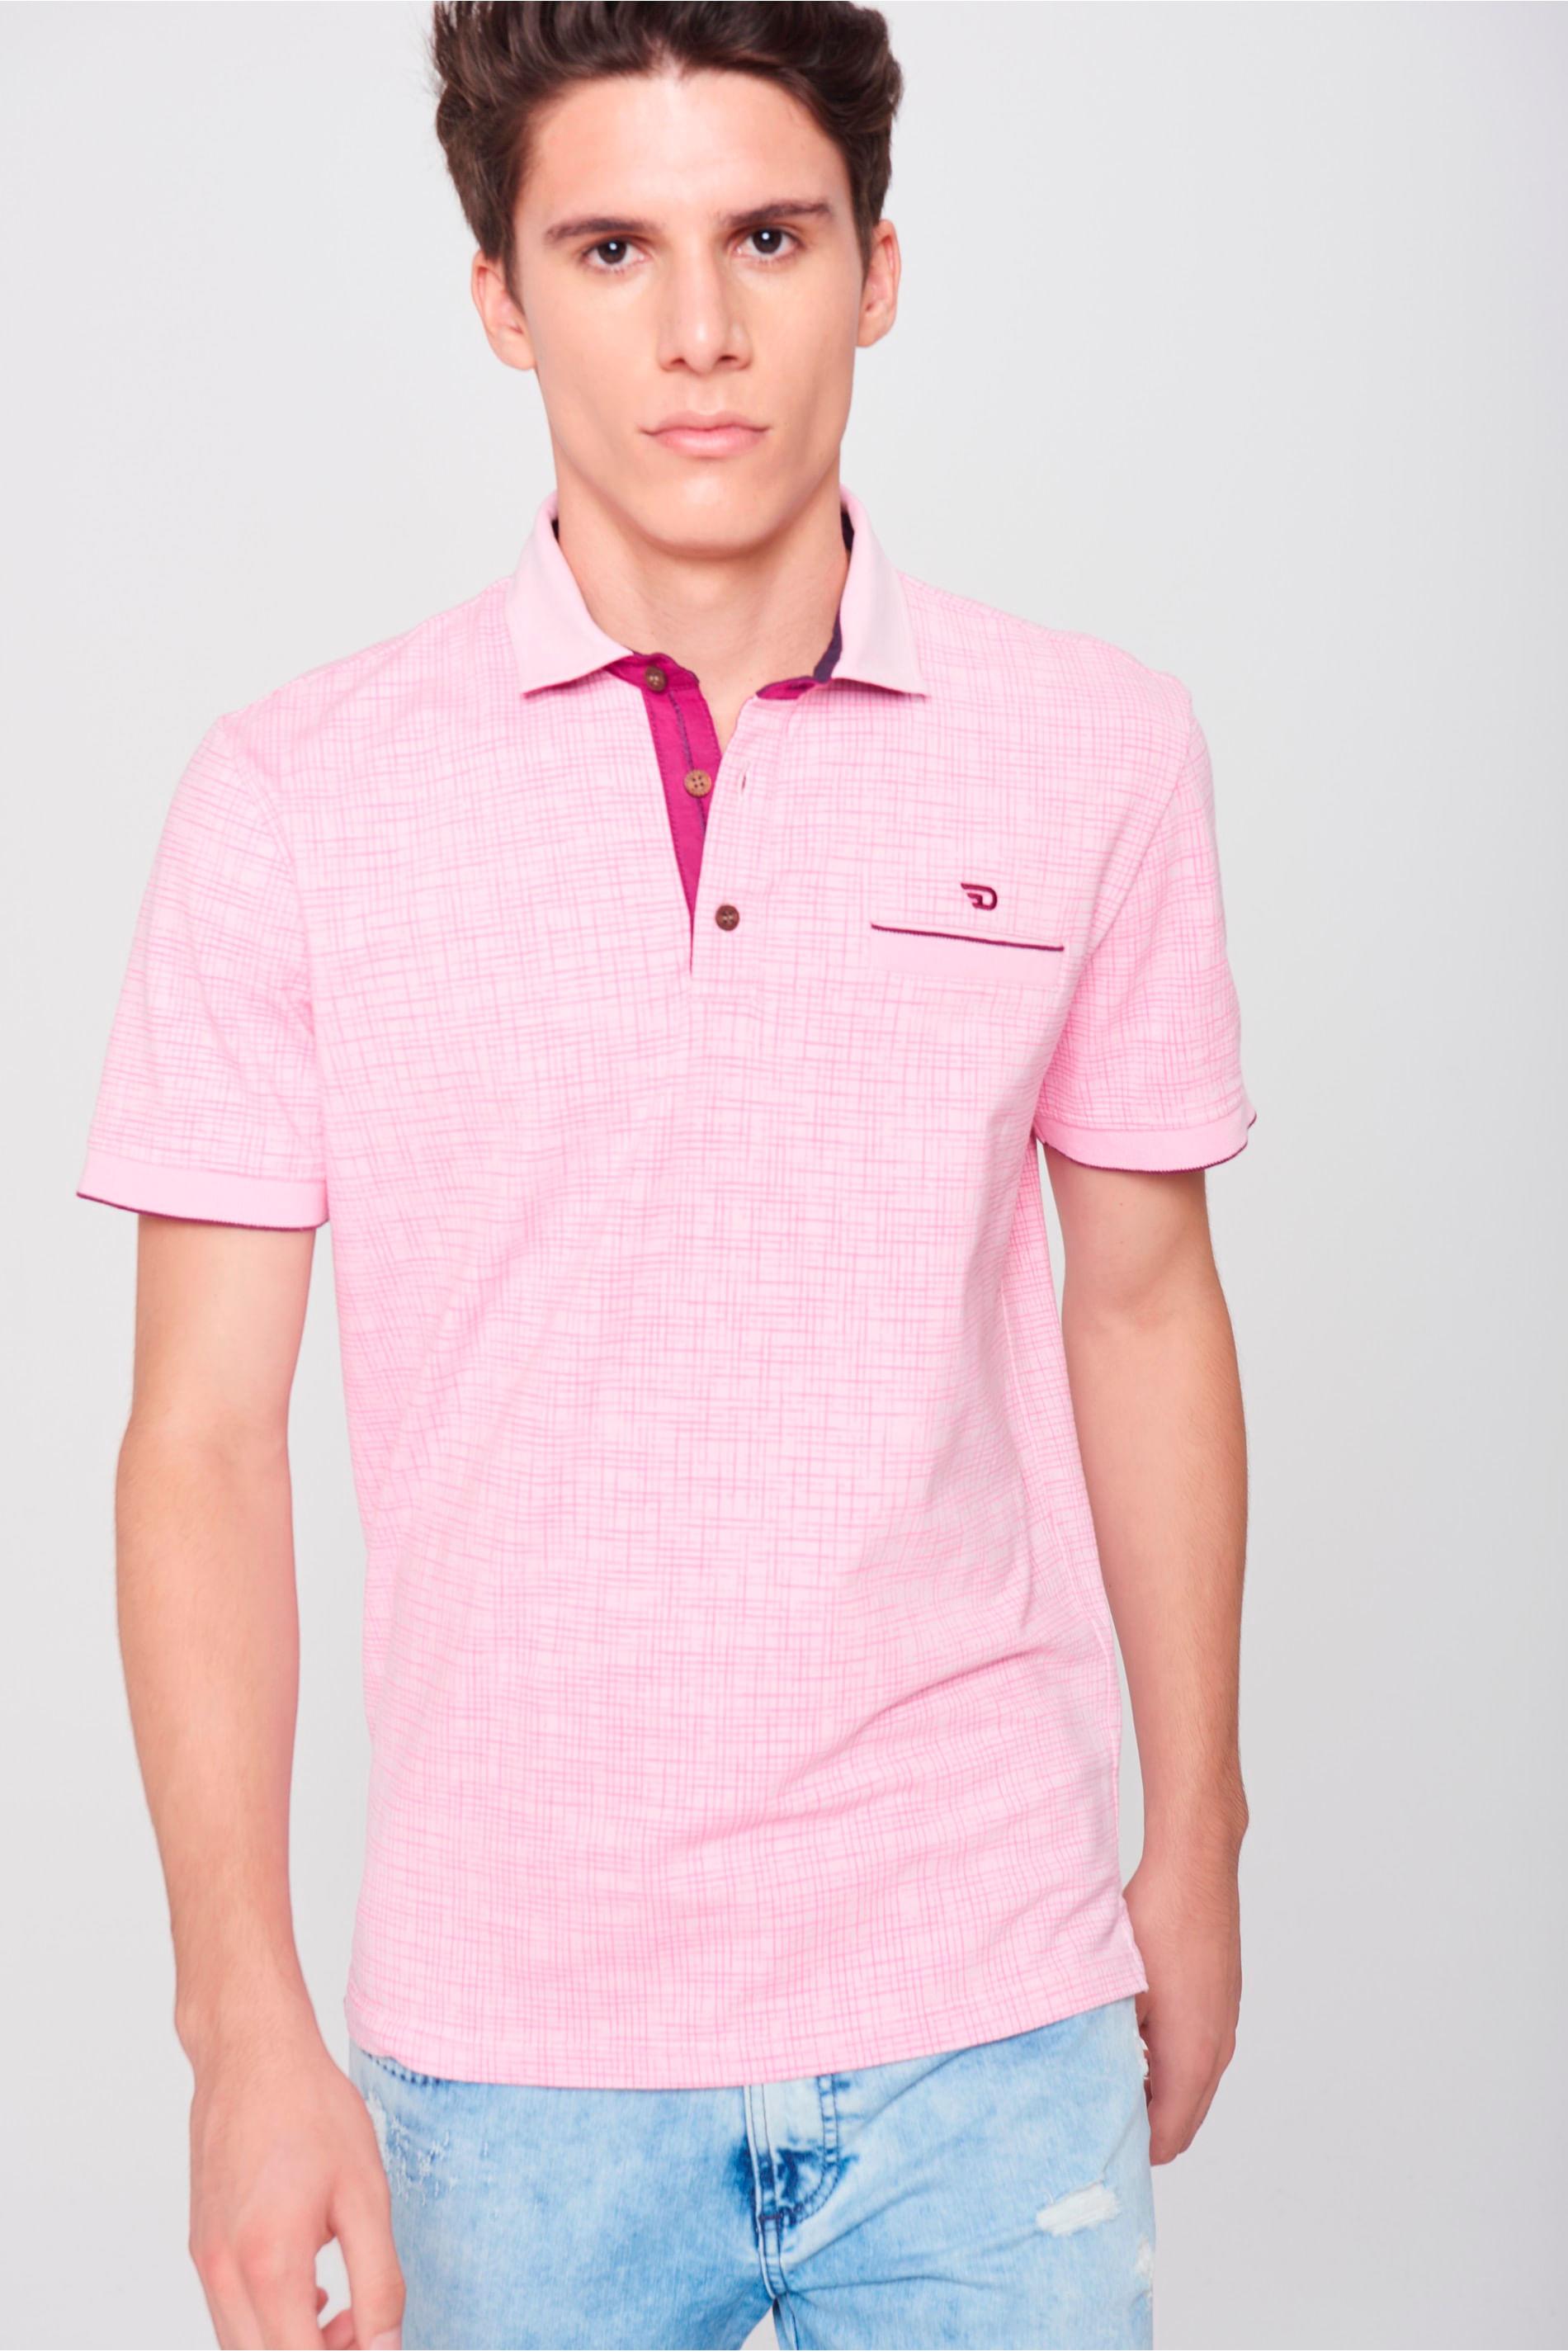 08a7fad722 Camisa Gola Polo Masculina - Damyller